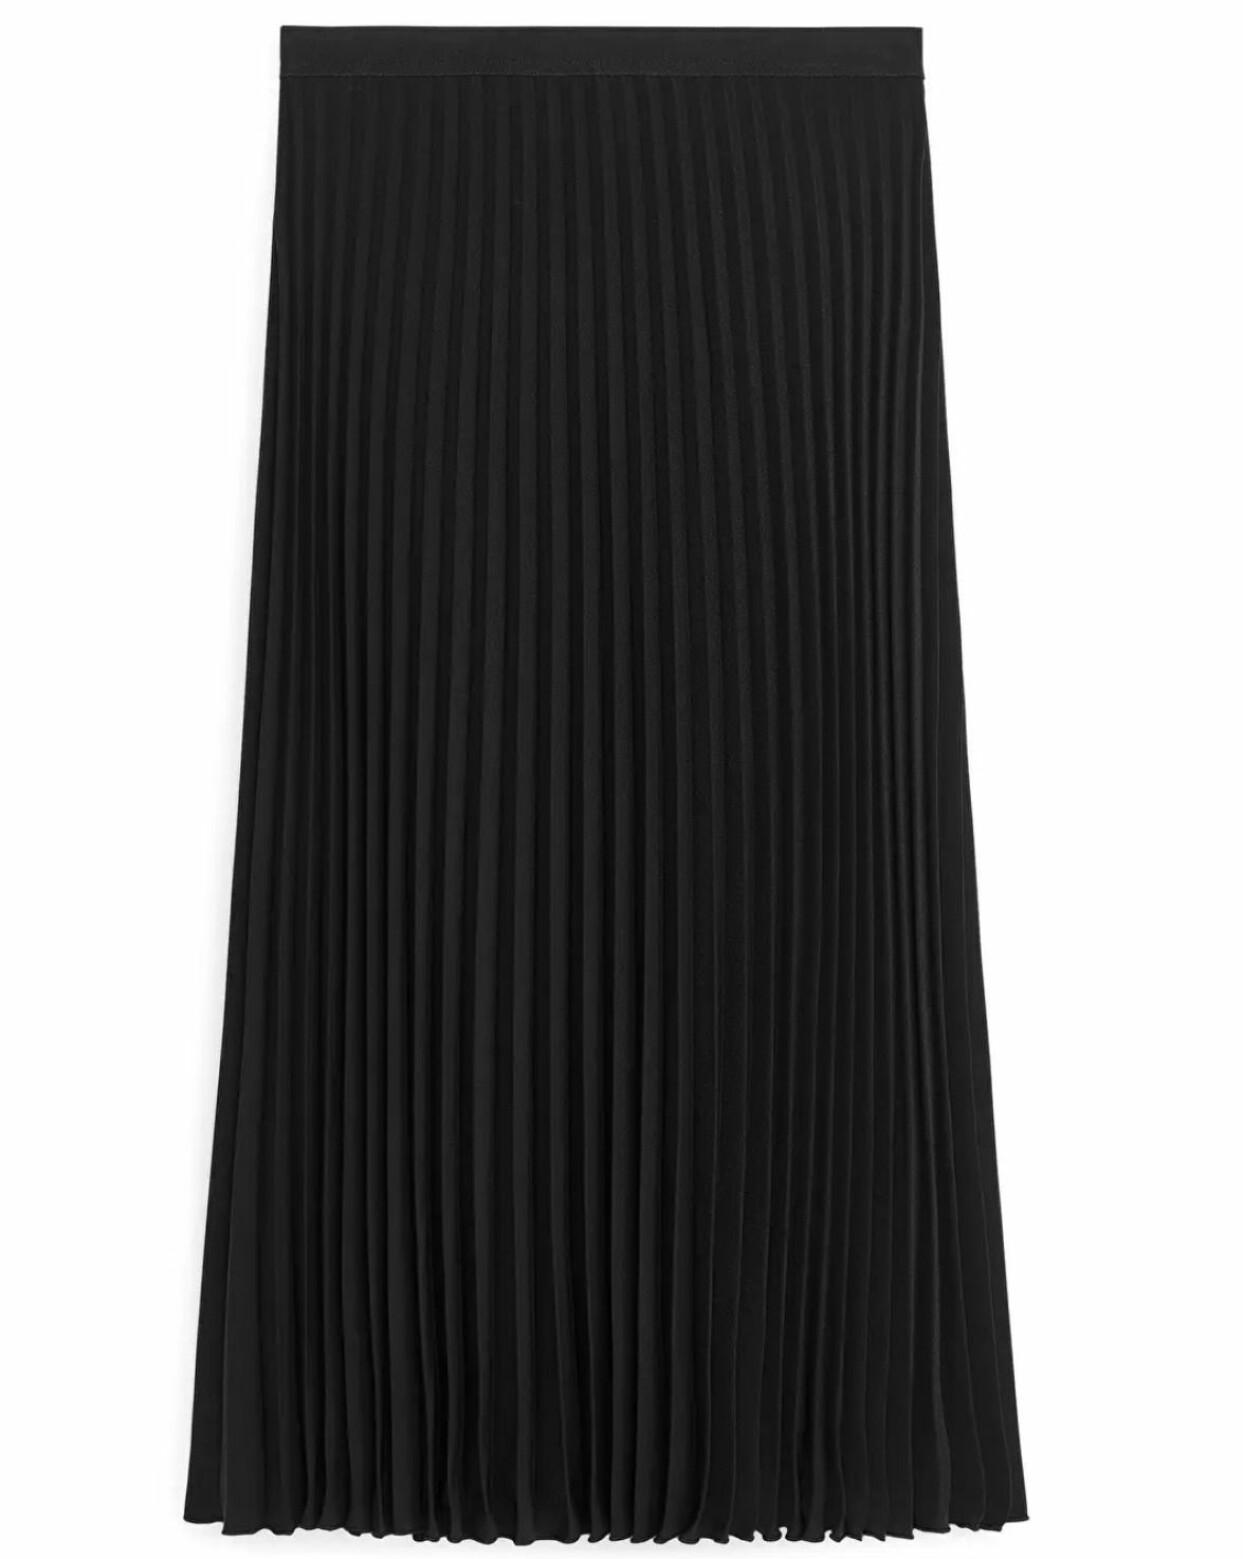 Svart plisserad kjol från Arket